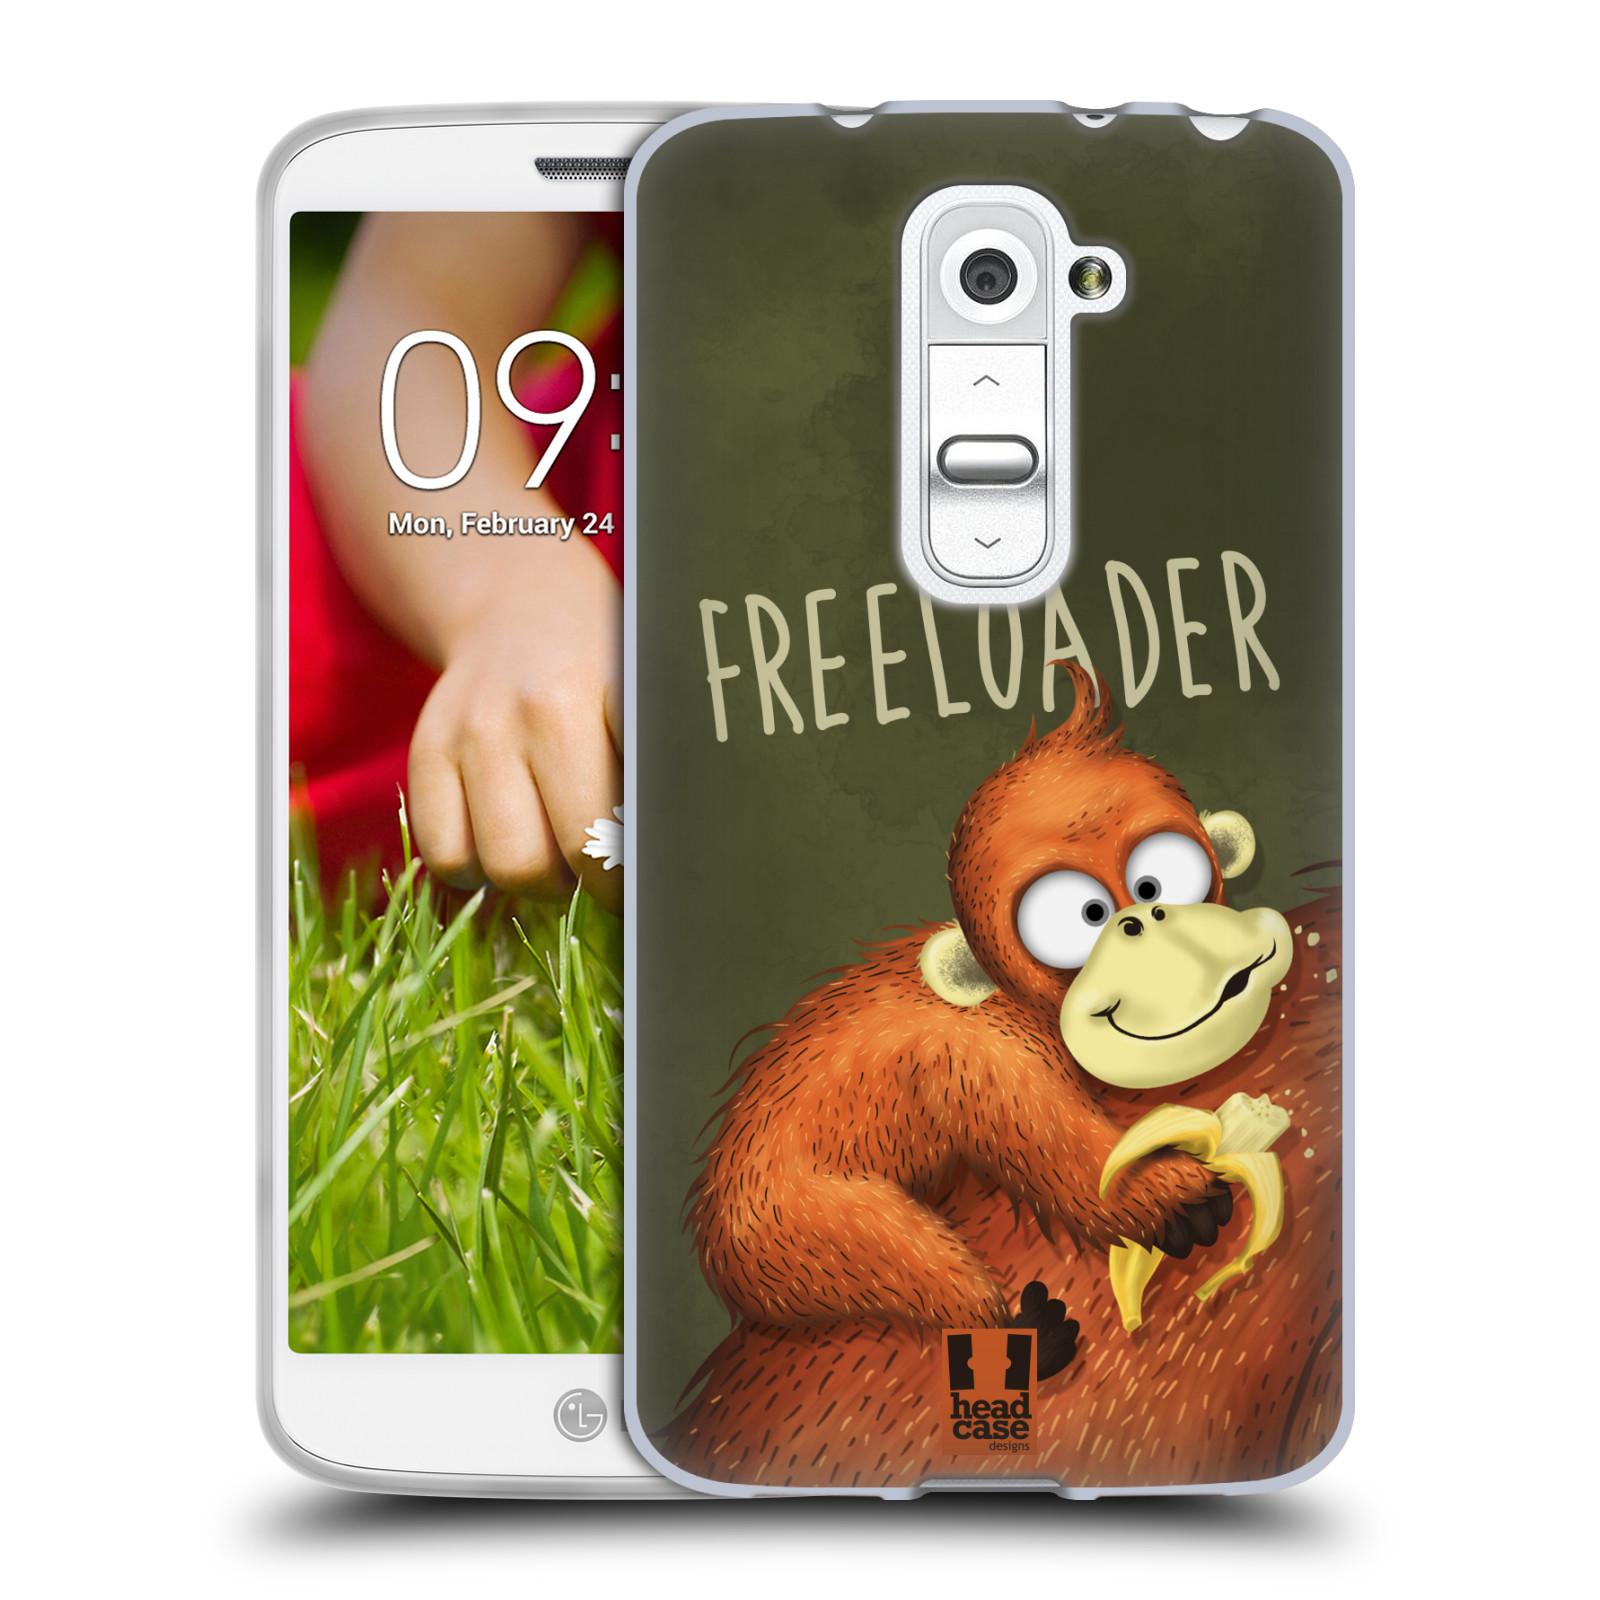 Silikonové pouzdro na mobil LG G2 Mini HEAD CASE Opičák Freeloader (Silikonový kryt či obal na mobilní telefon LG G2 Mini D620)